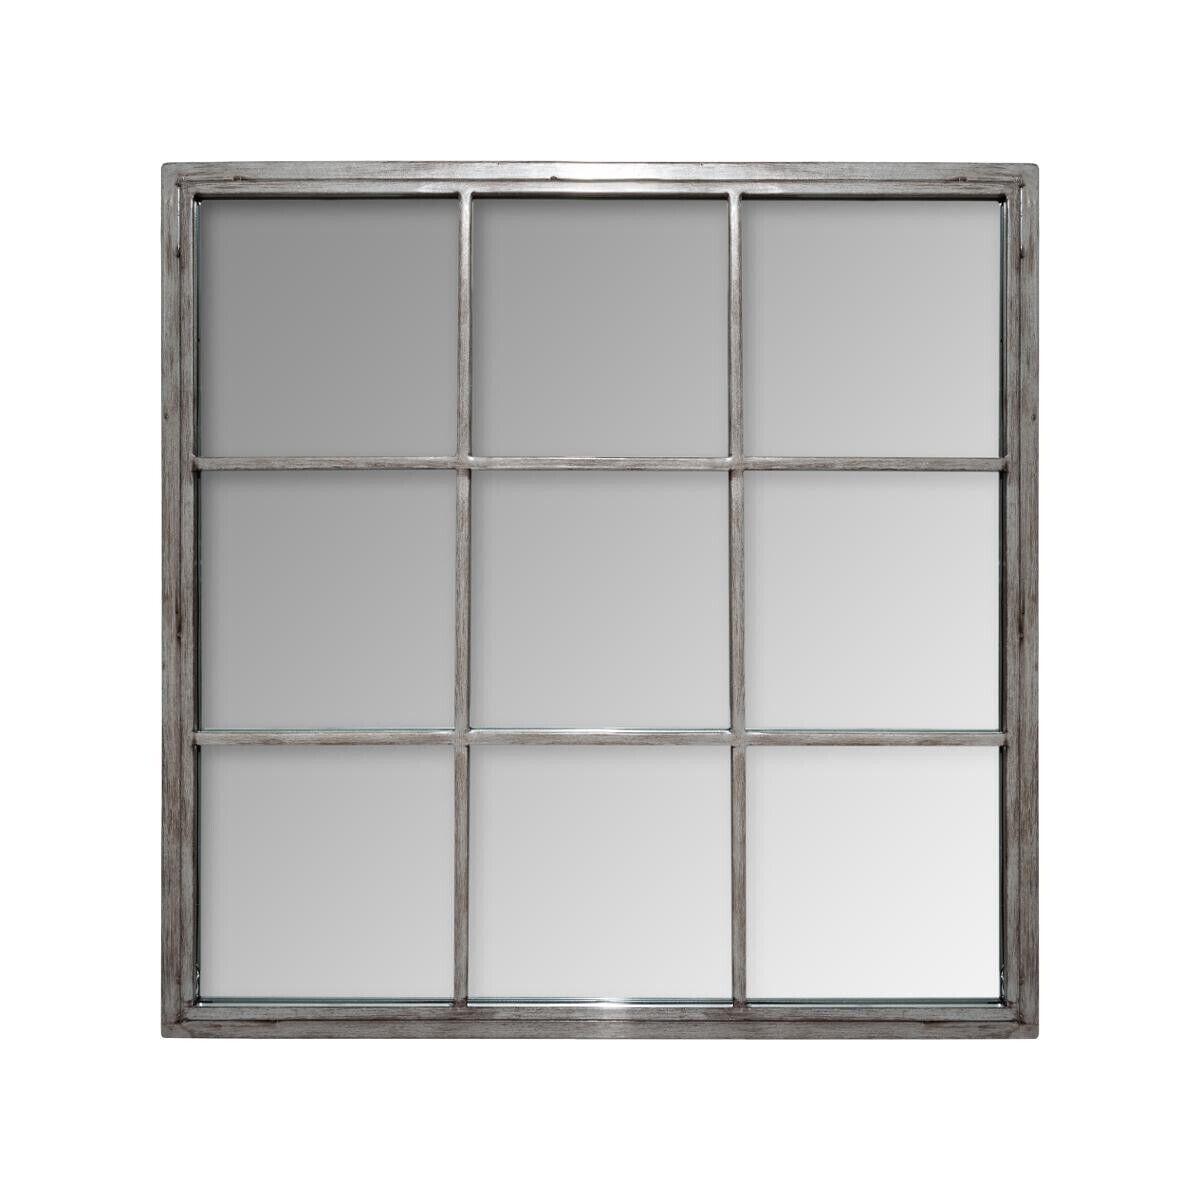 Atmosphera Miroir 'Sully' en métal 64x64 cm